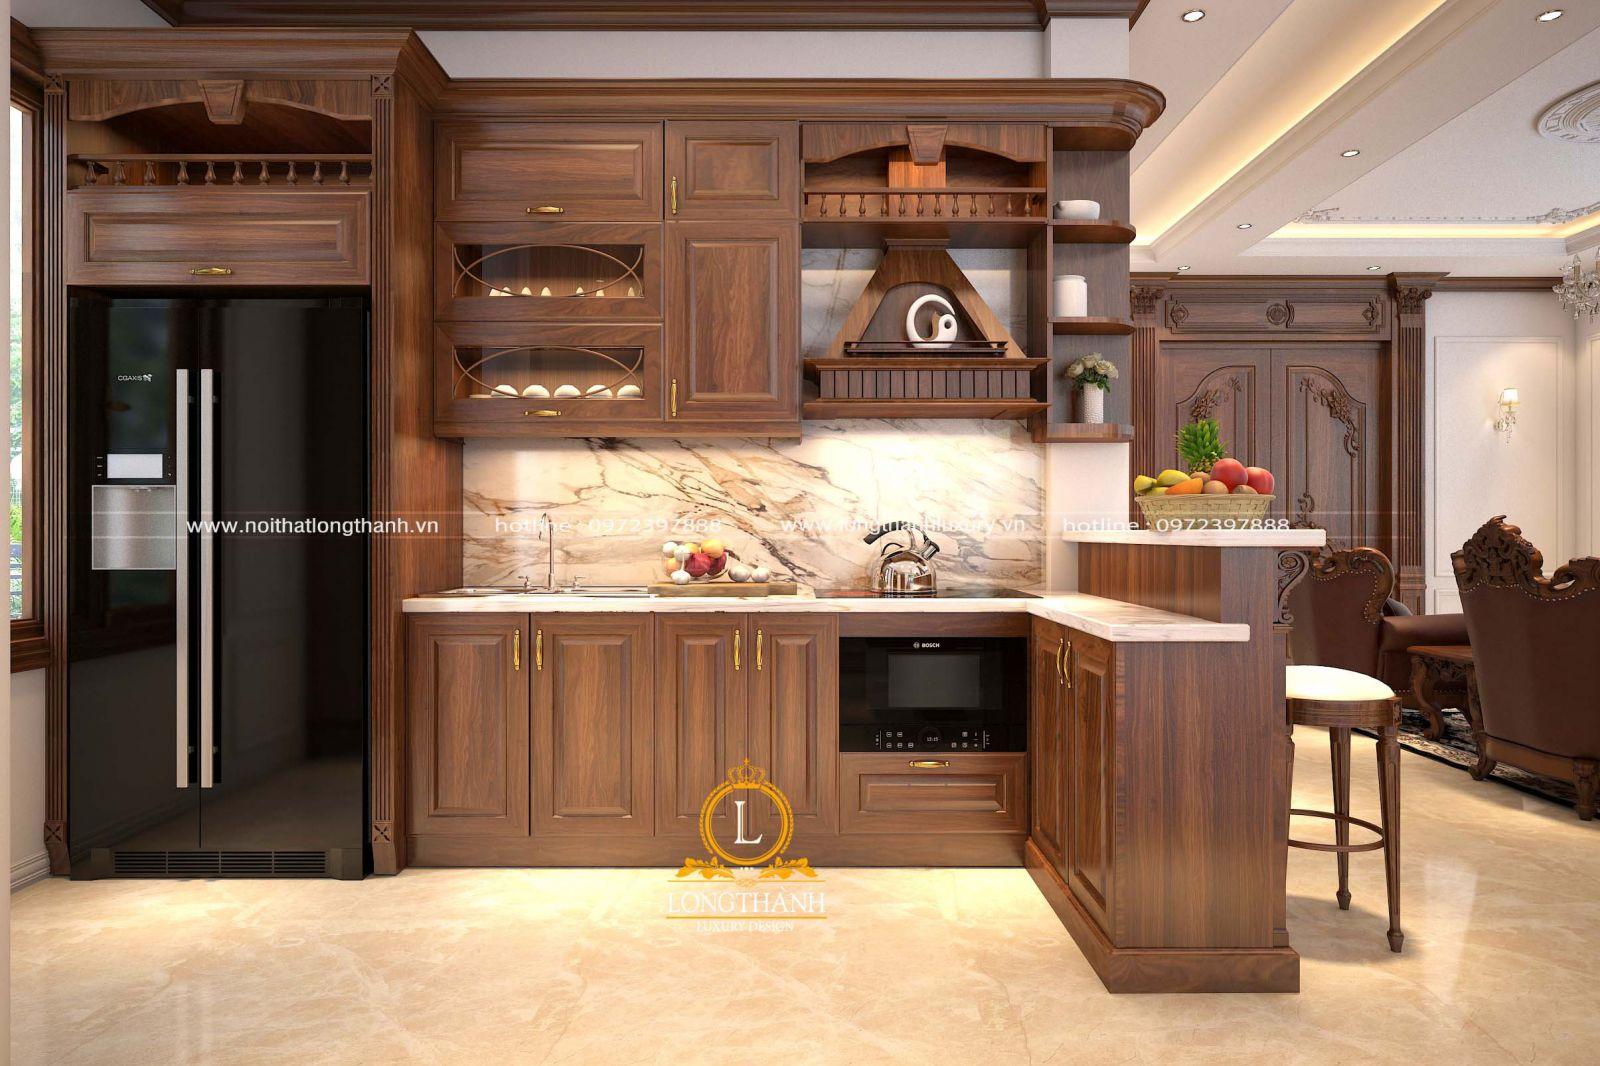 Mẫu tủ bếp tân cổ điển được lựa chọn thiết kế hài hòa cùng nội thất căn hộ chung cư